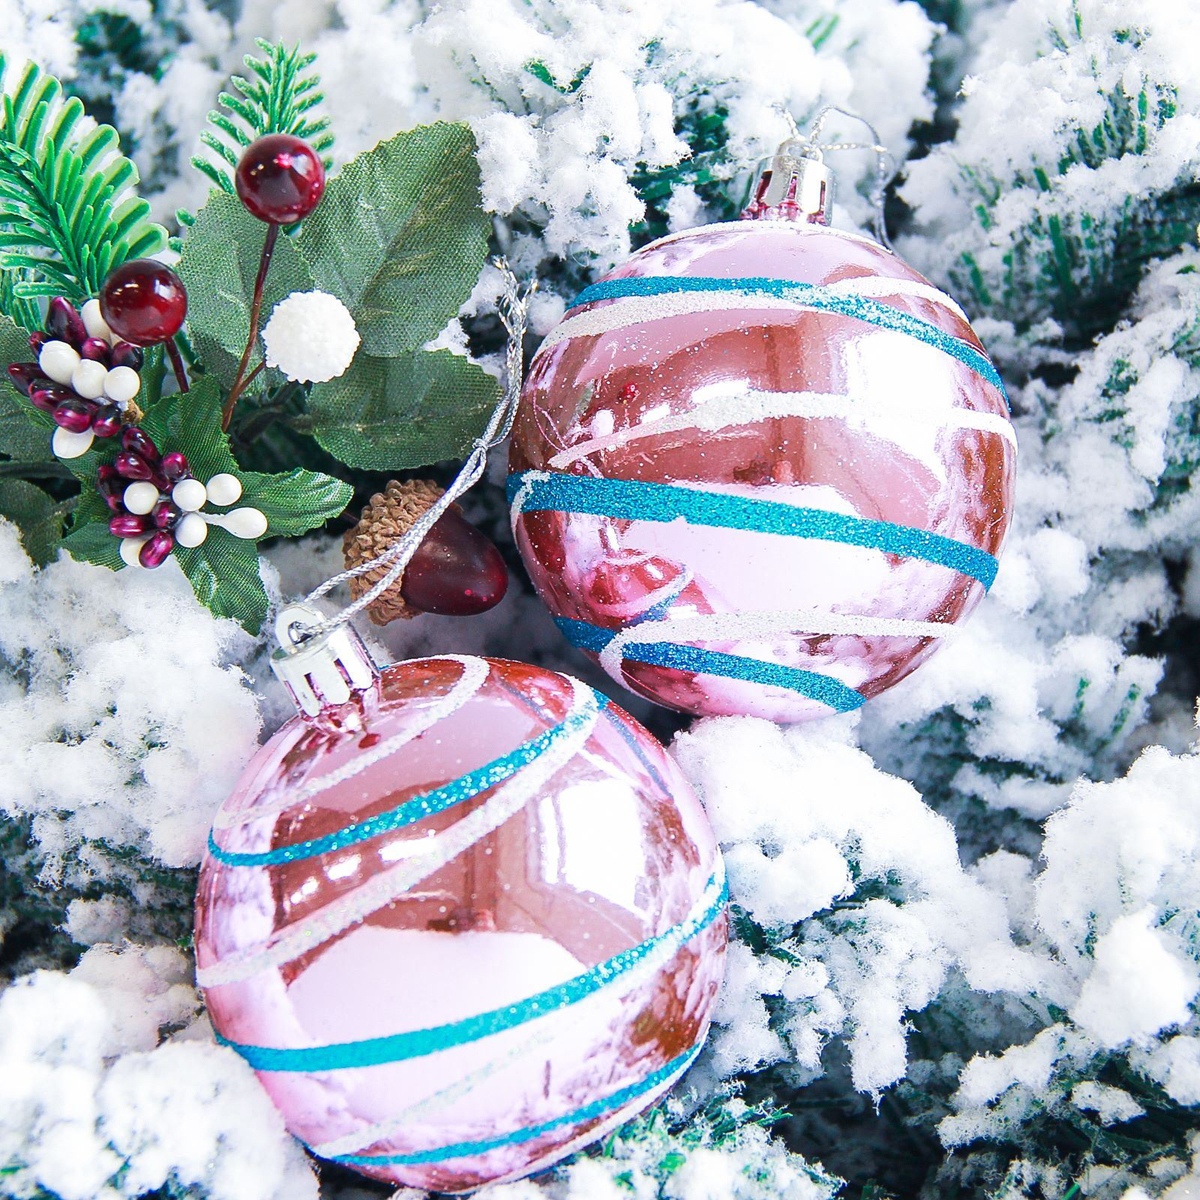 Набор новогодних подвесных украшений Sima-land Орион, цвет: розовый, диаметр 7 см, 6 шт2178198Набор новогодних подвесных украшений Sima-land отлично подойдет для декорации вашего дома и новогодней ели. С помощью специальной петельки украшение можно повесить в любом понравившемся вам месте. Но, конечно, удачнее всего оно будет смотреться на праздничной елке. Елочная игрушка - символ Нового года. Она несет в себе волшебство и красоту праздника. Создайте в своем доме атмосферу веселья и радости, украшая новогоднюю елку нарядными игрушками, которые будут из года в год накапливать теплоту воспоминаний.